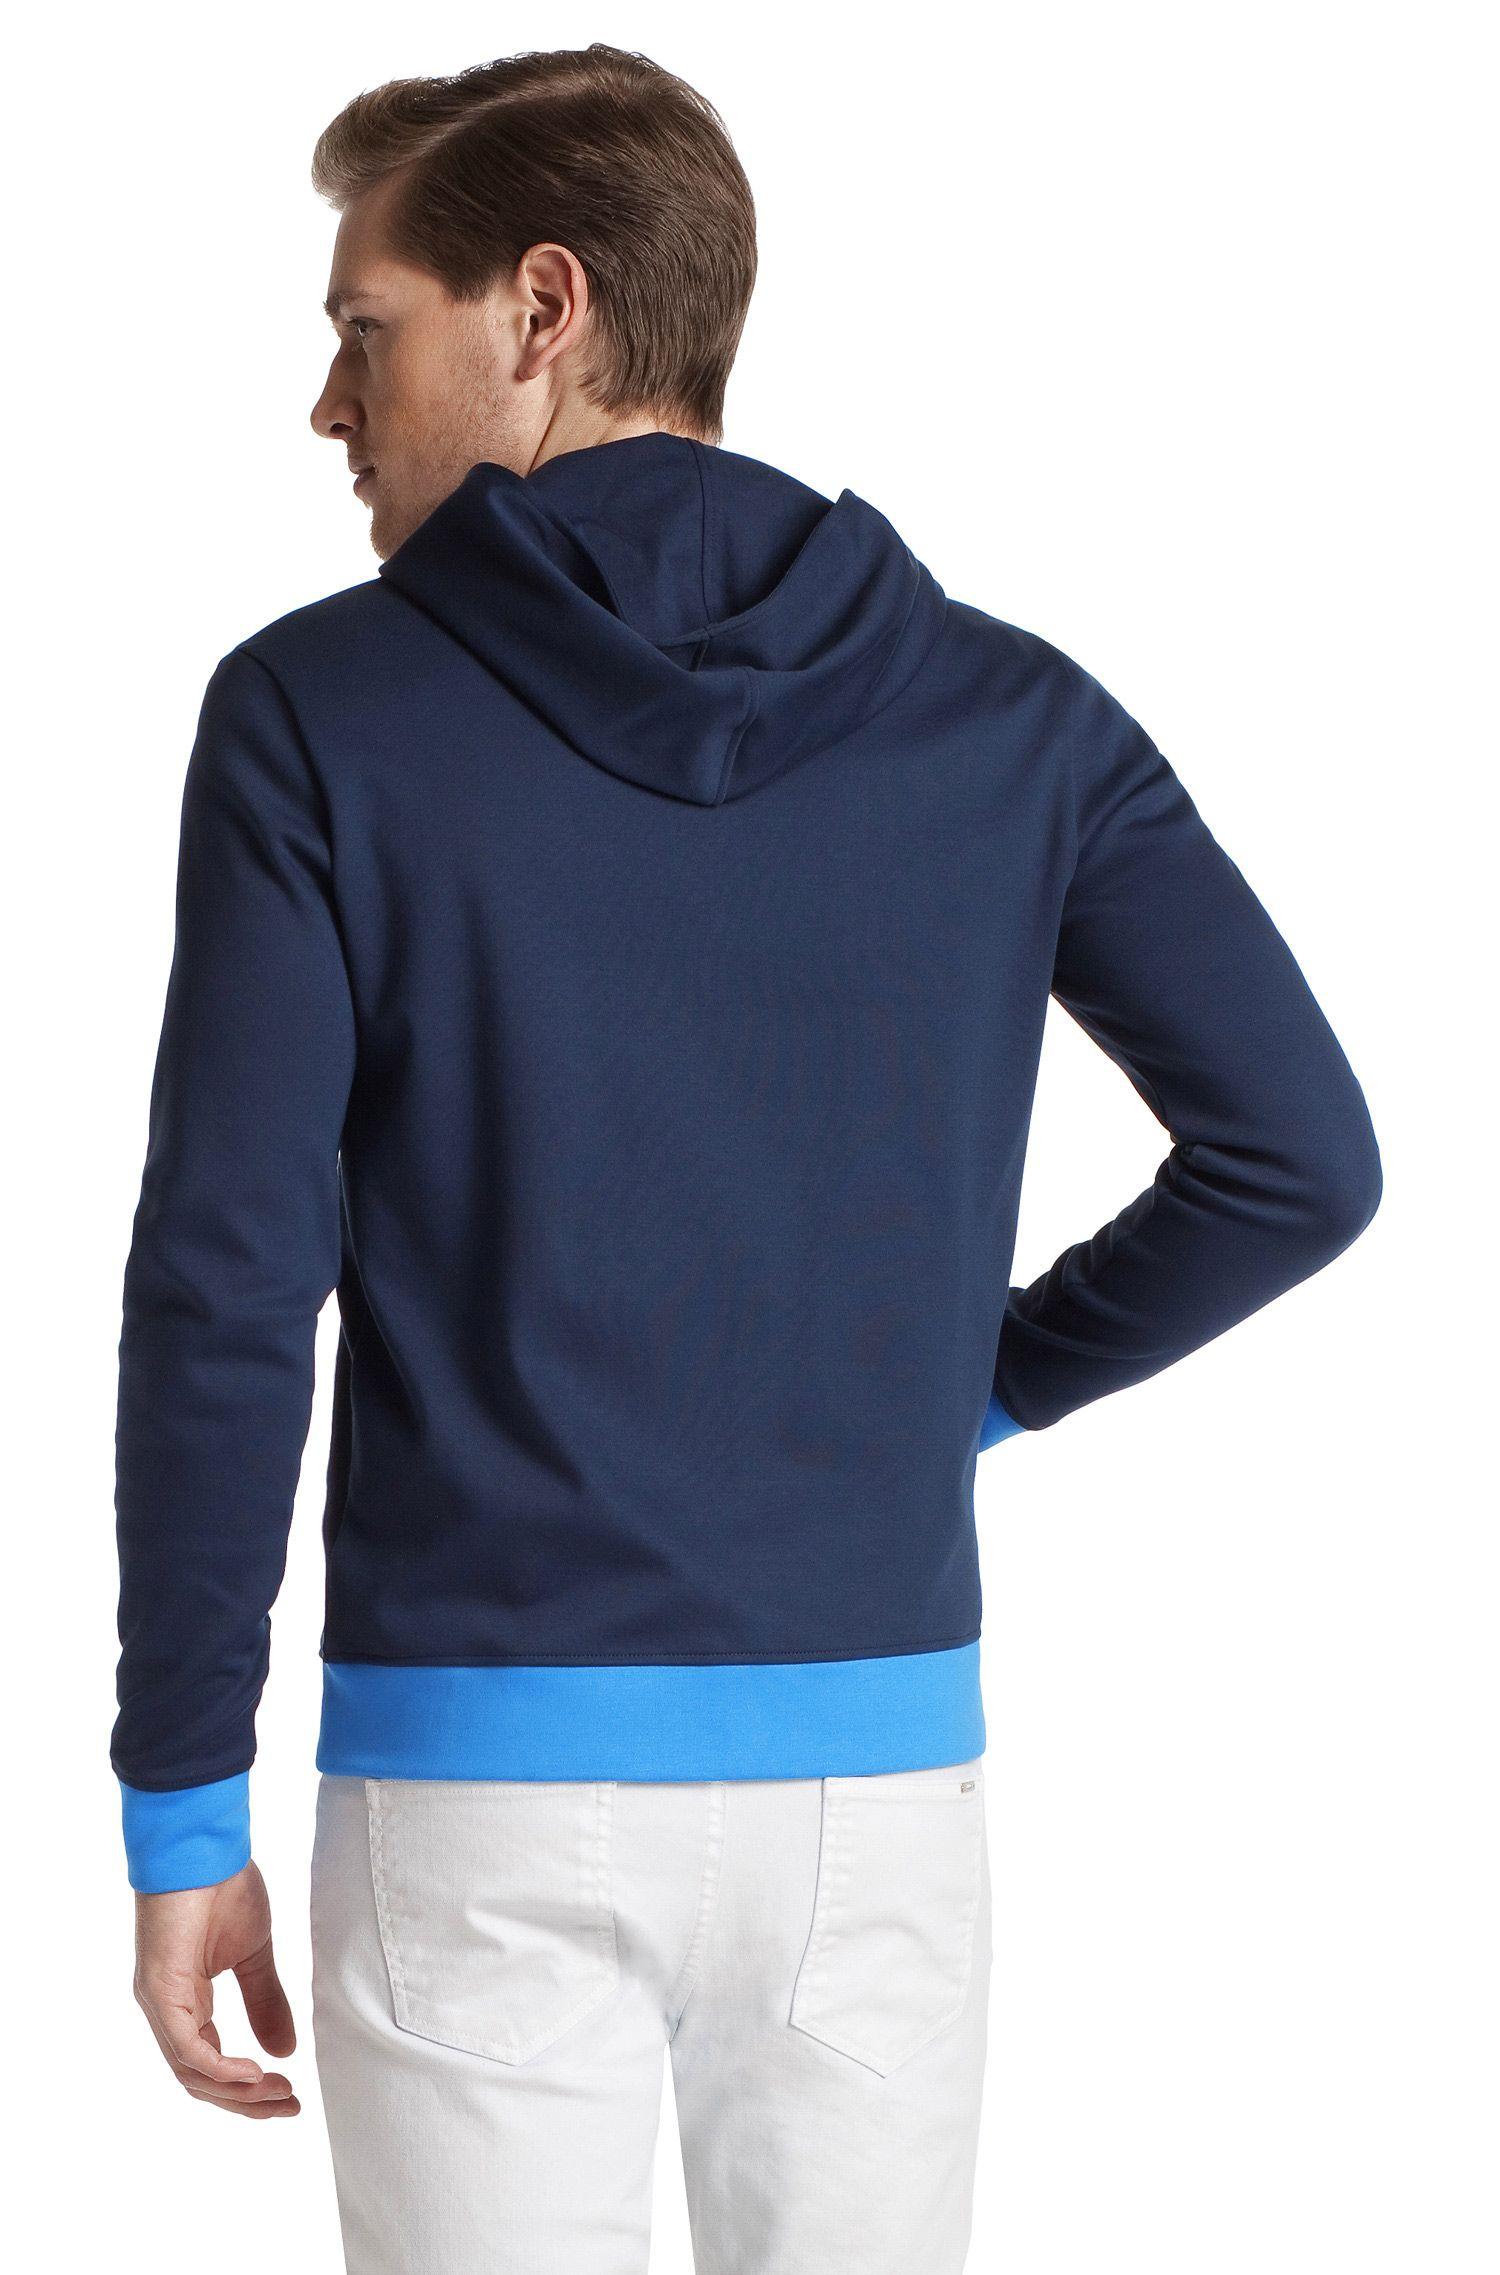 Sweatshirt-Jacke ´Daxwell` mit Kapuze